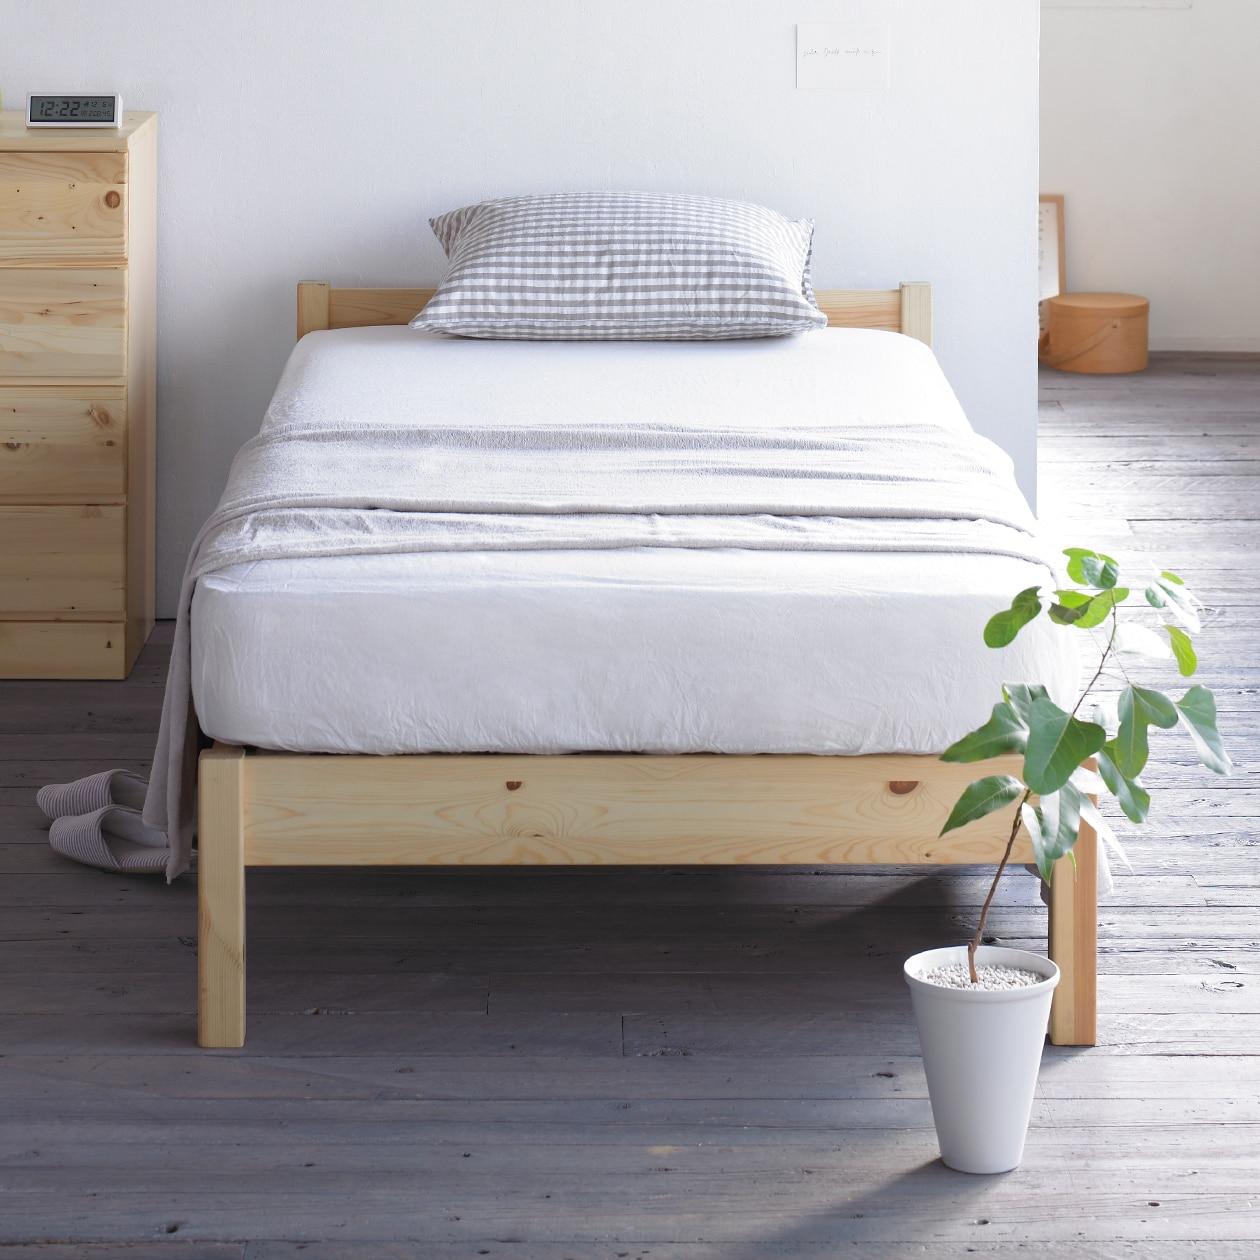 パイン材ベッド 通販 | 無印良品